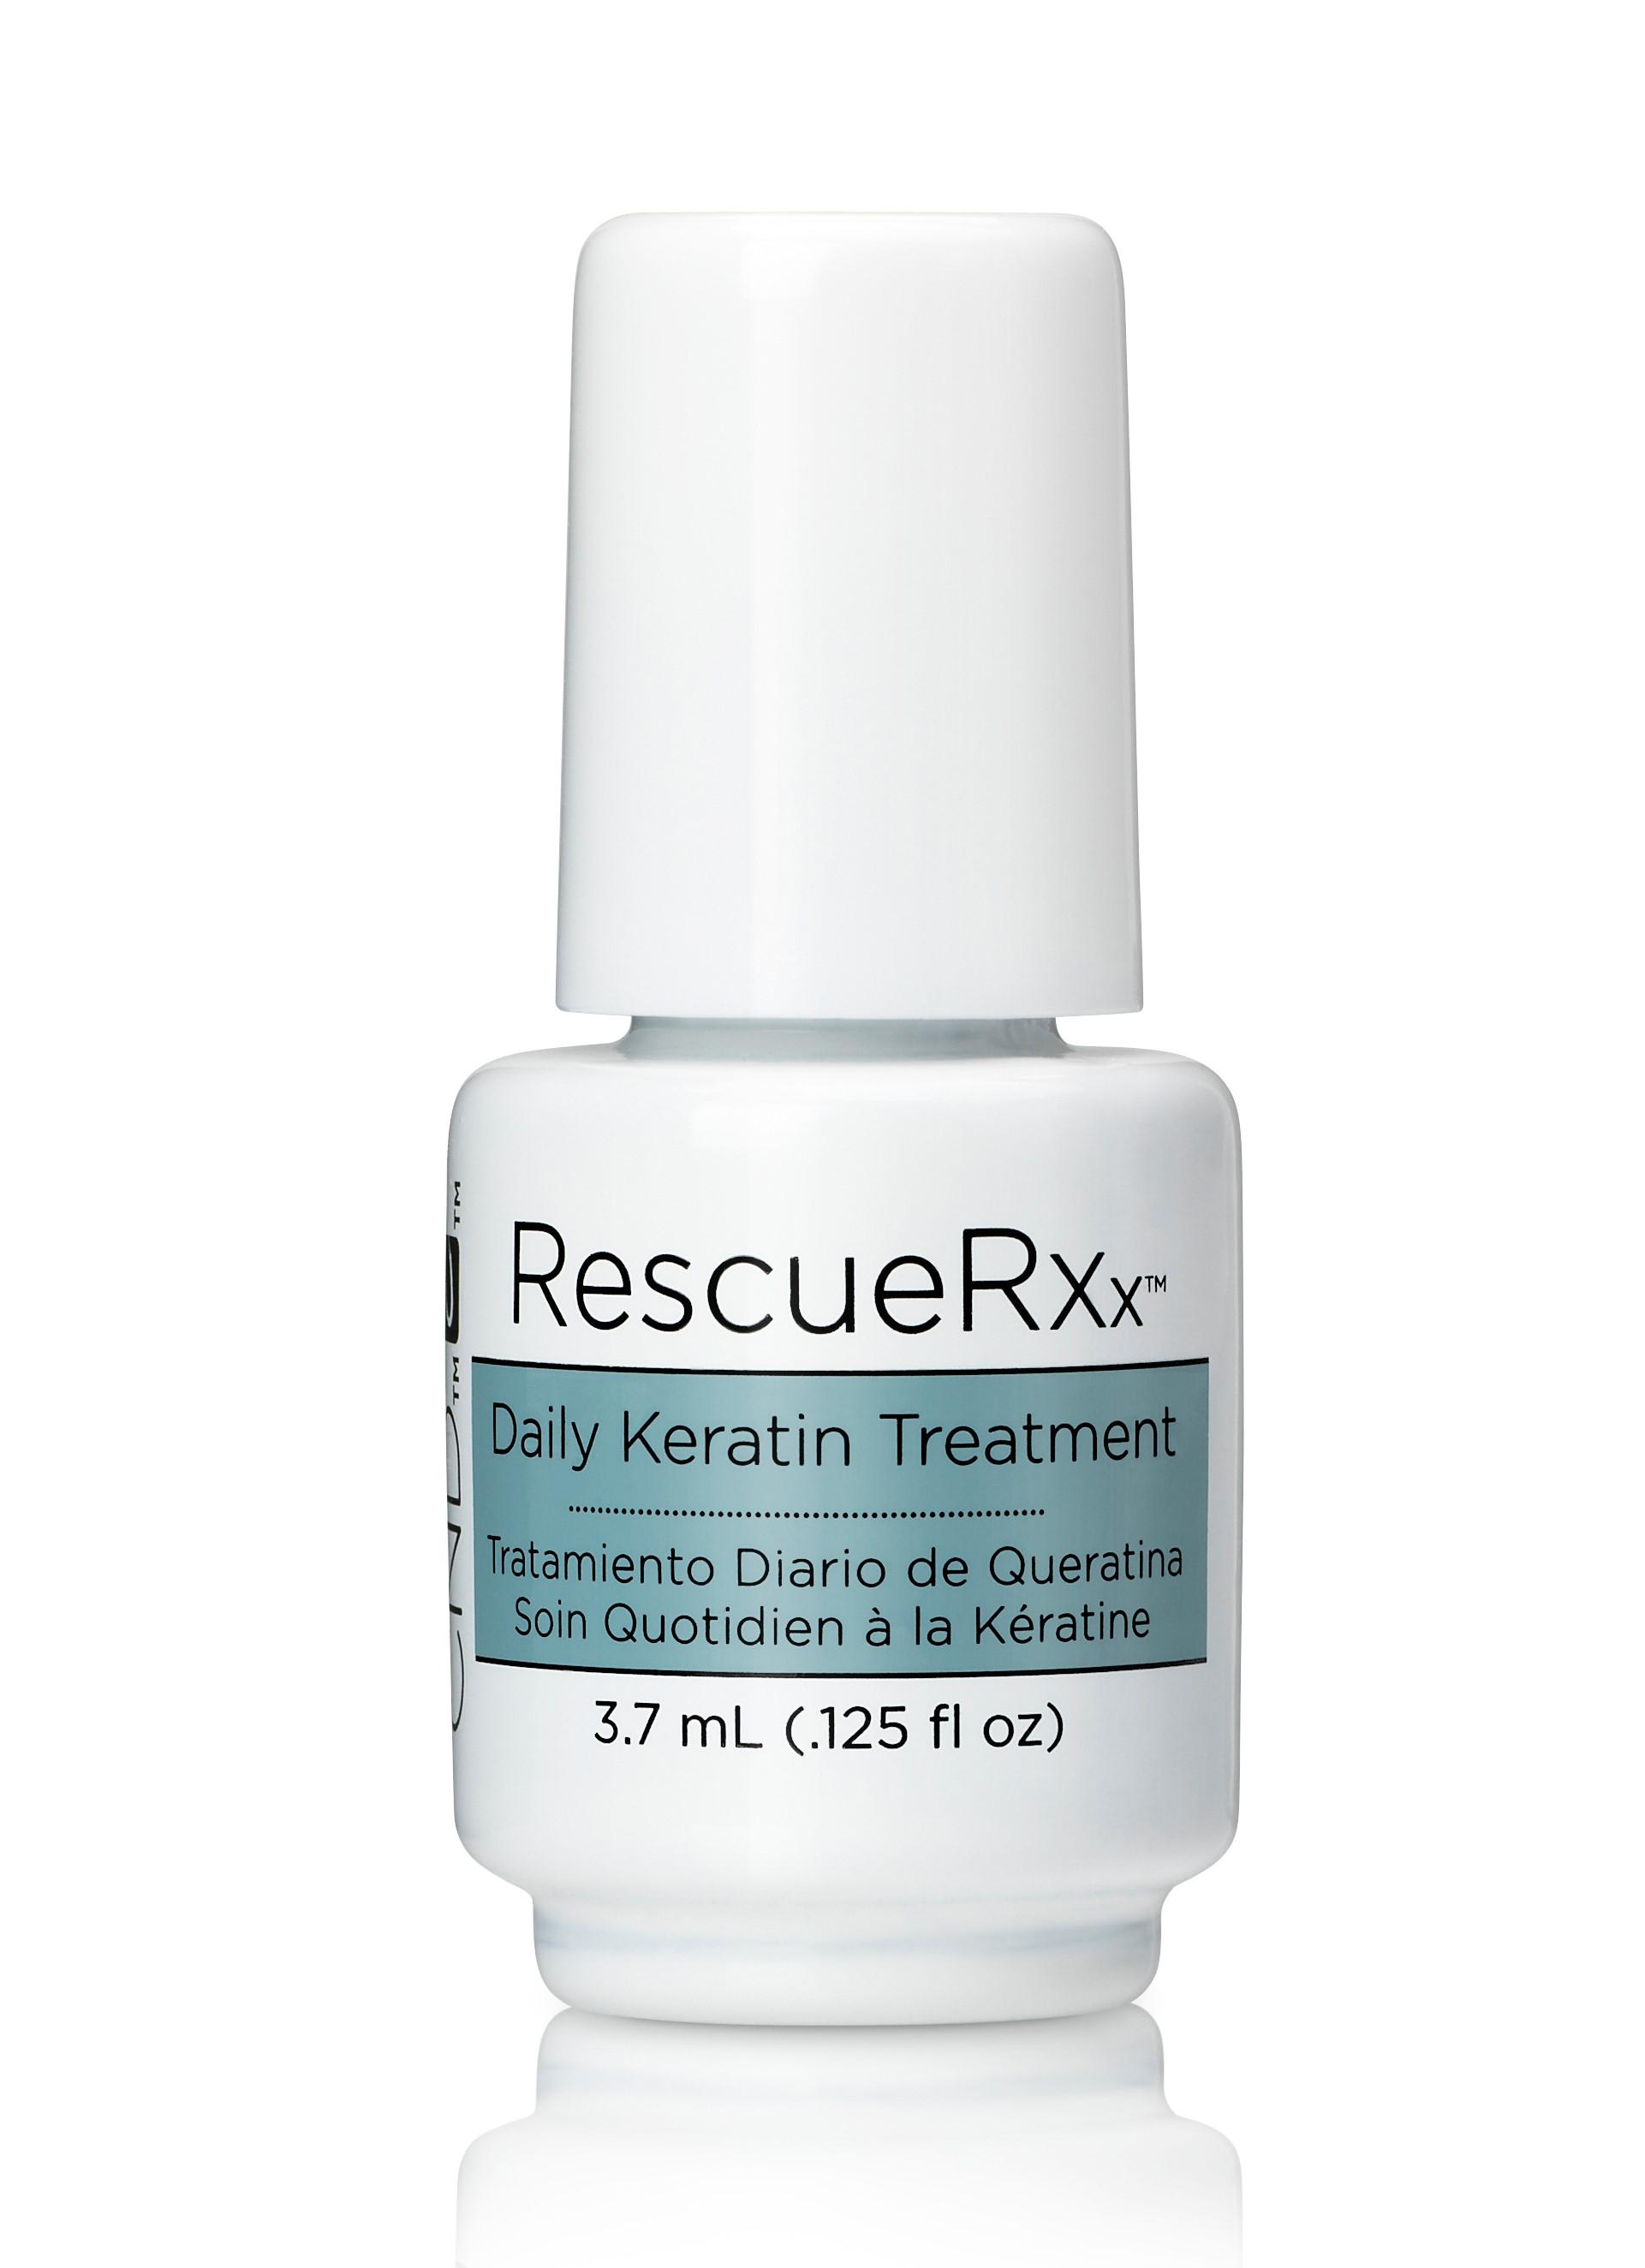 CND Средство для укрепления ногтей (кератин) / RescueRXx™ 3,7 мл - Лечебные средства